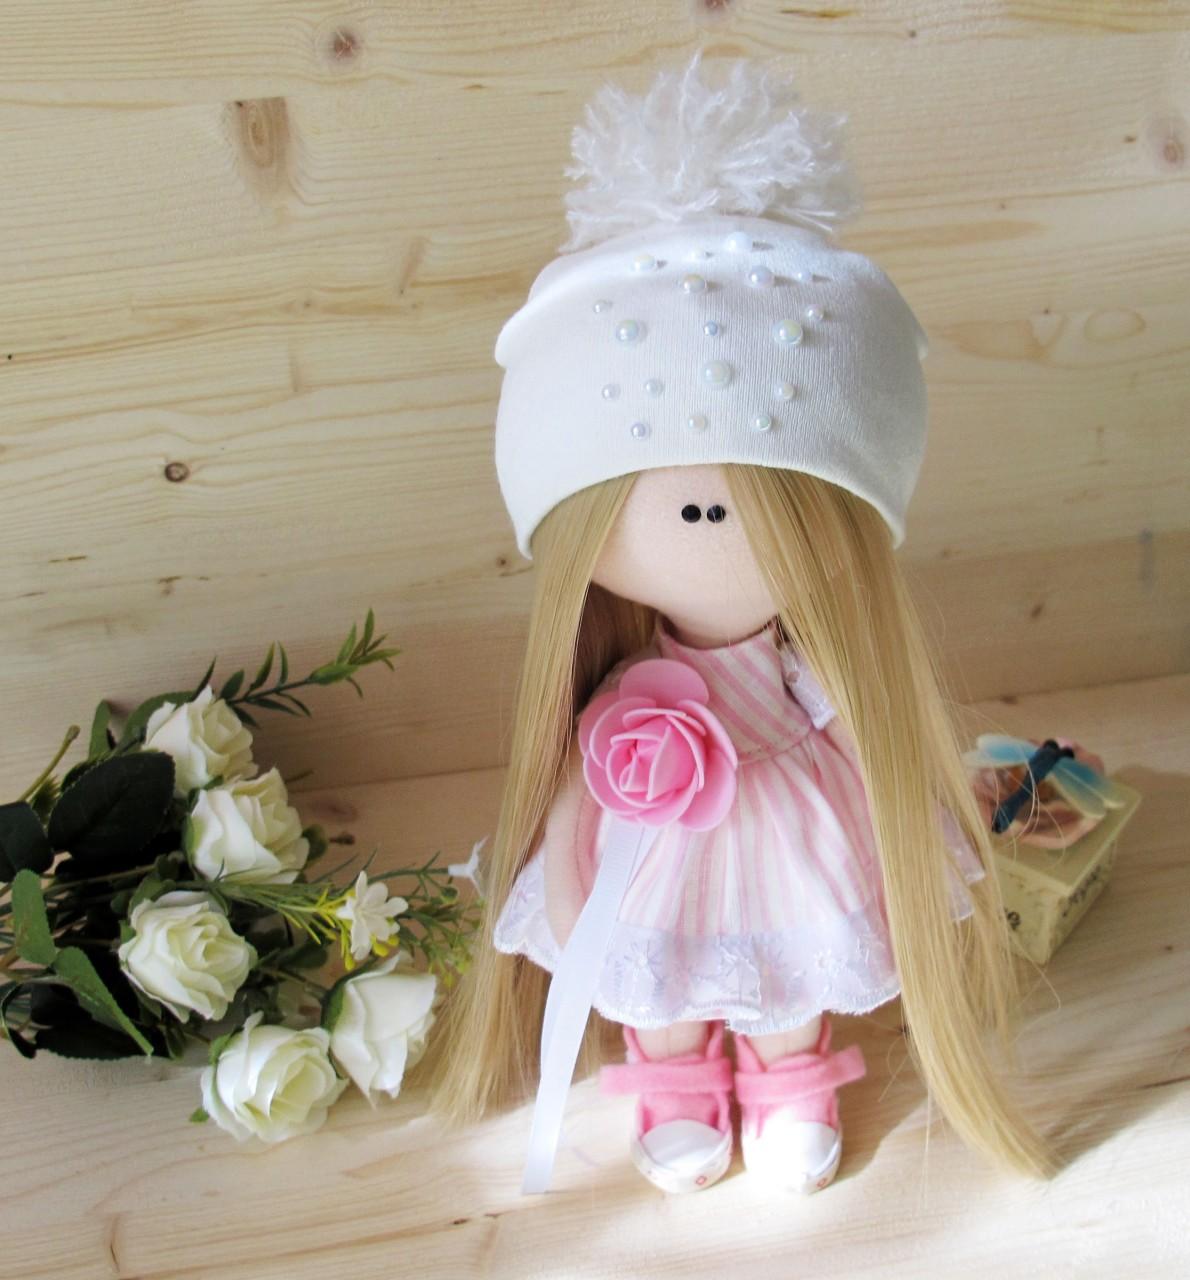 Картинки по запросу Текстильная кукла ростом 25 см мастер класс